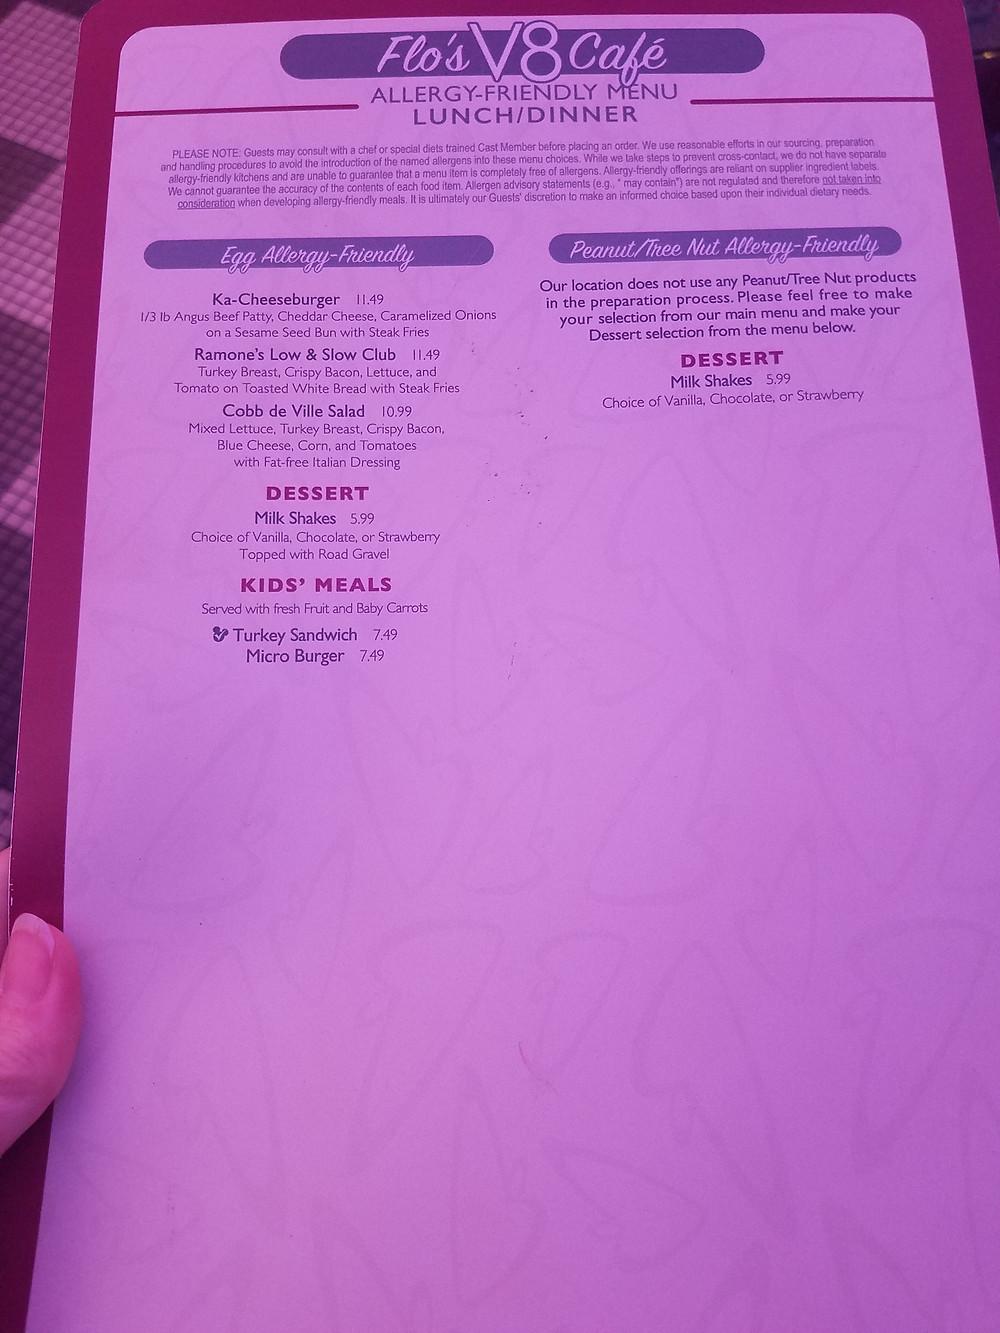 Flo's V8 Cafe Allergy-friendly menu page 2